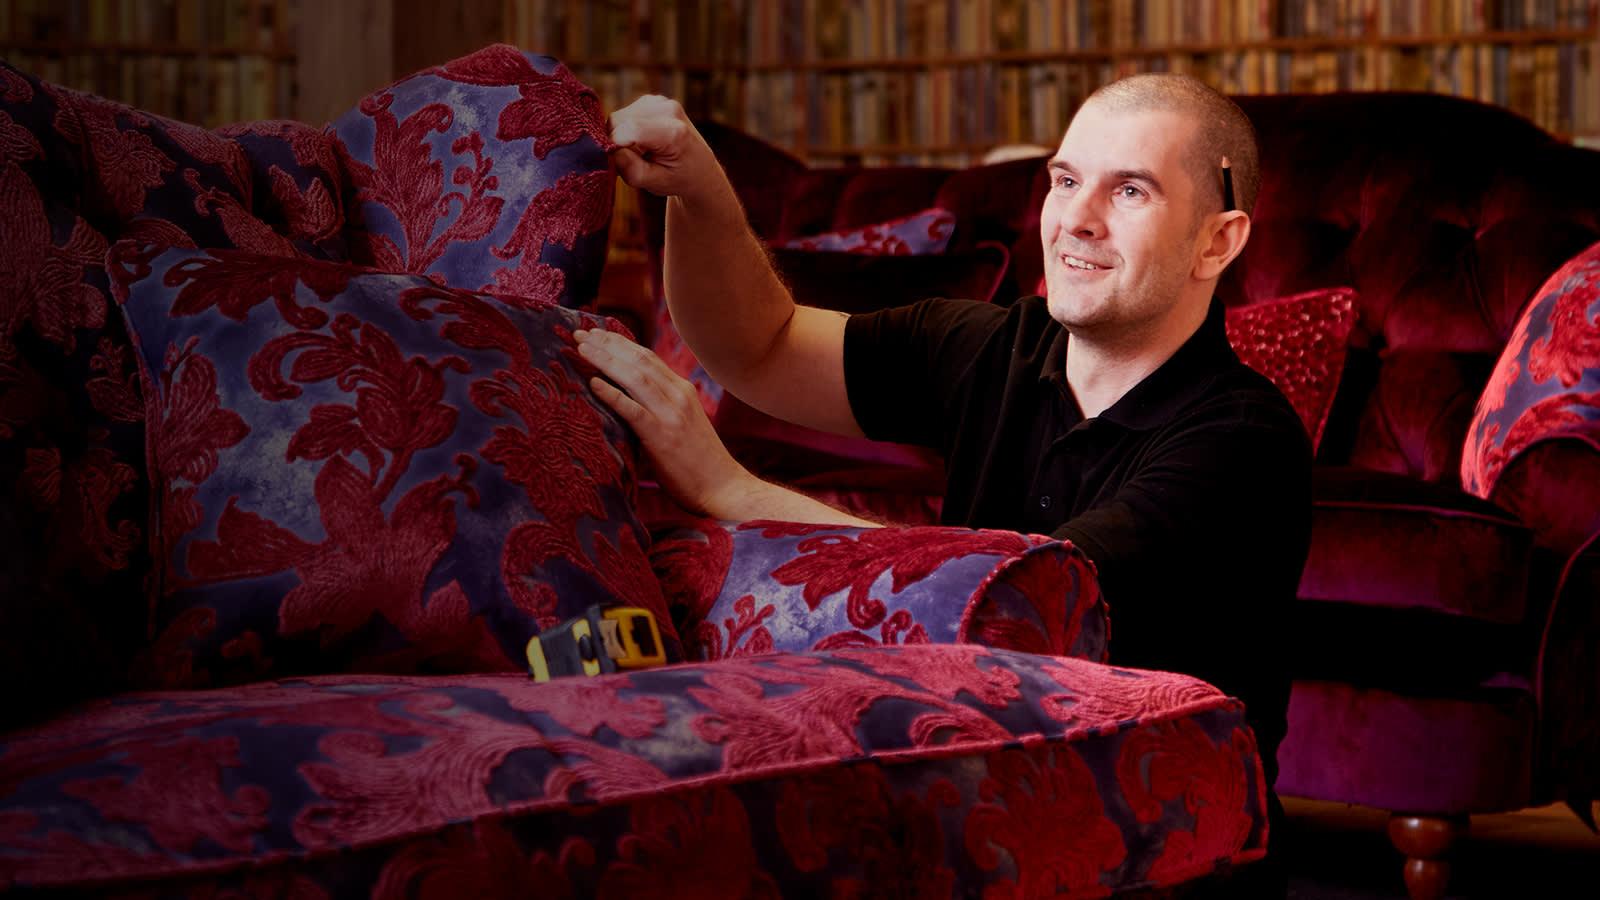 Sofologist repairing sofa